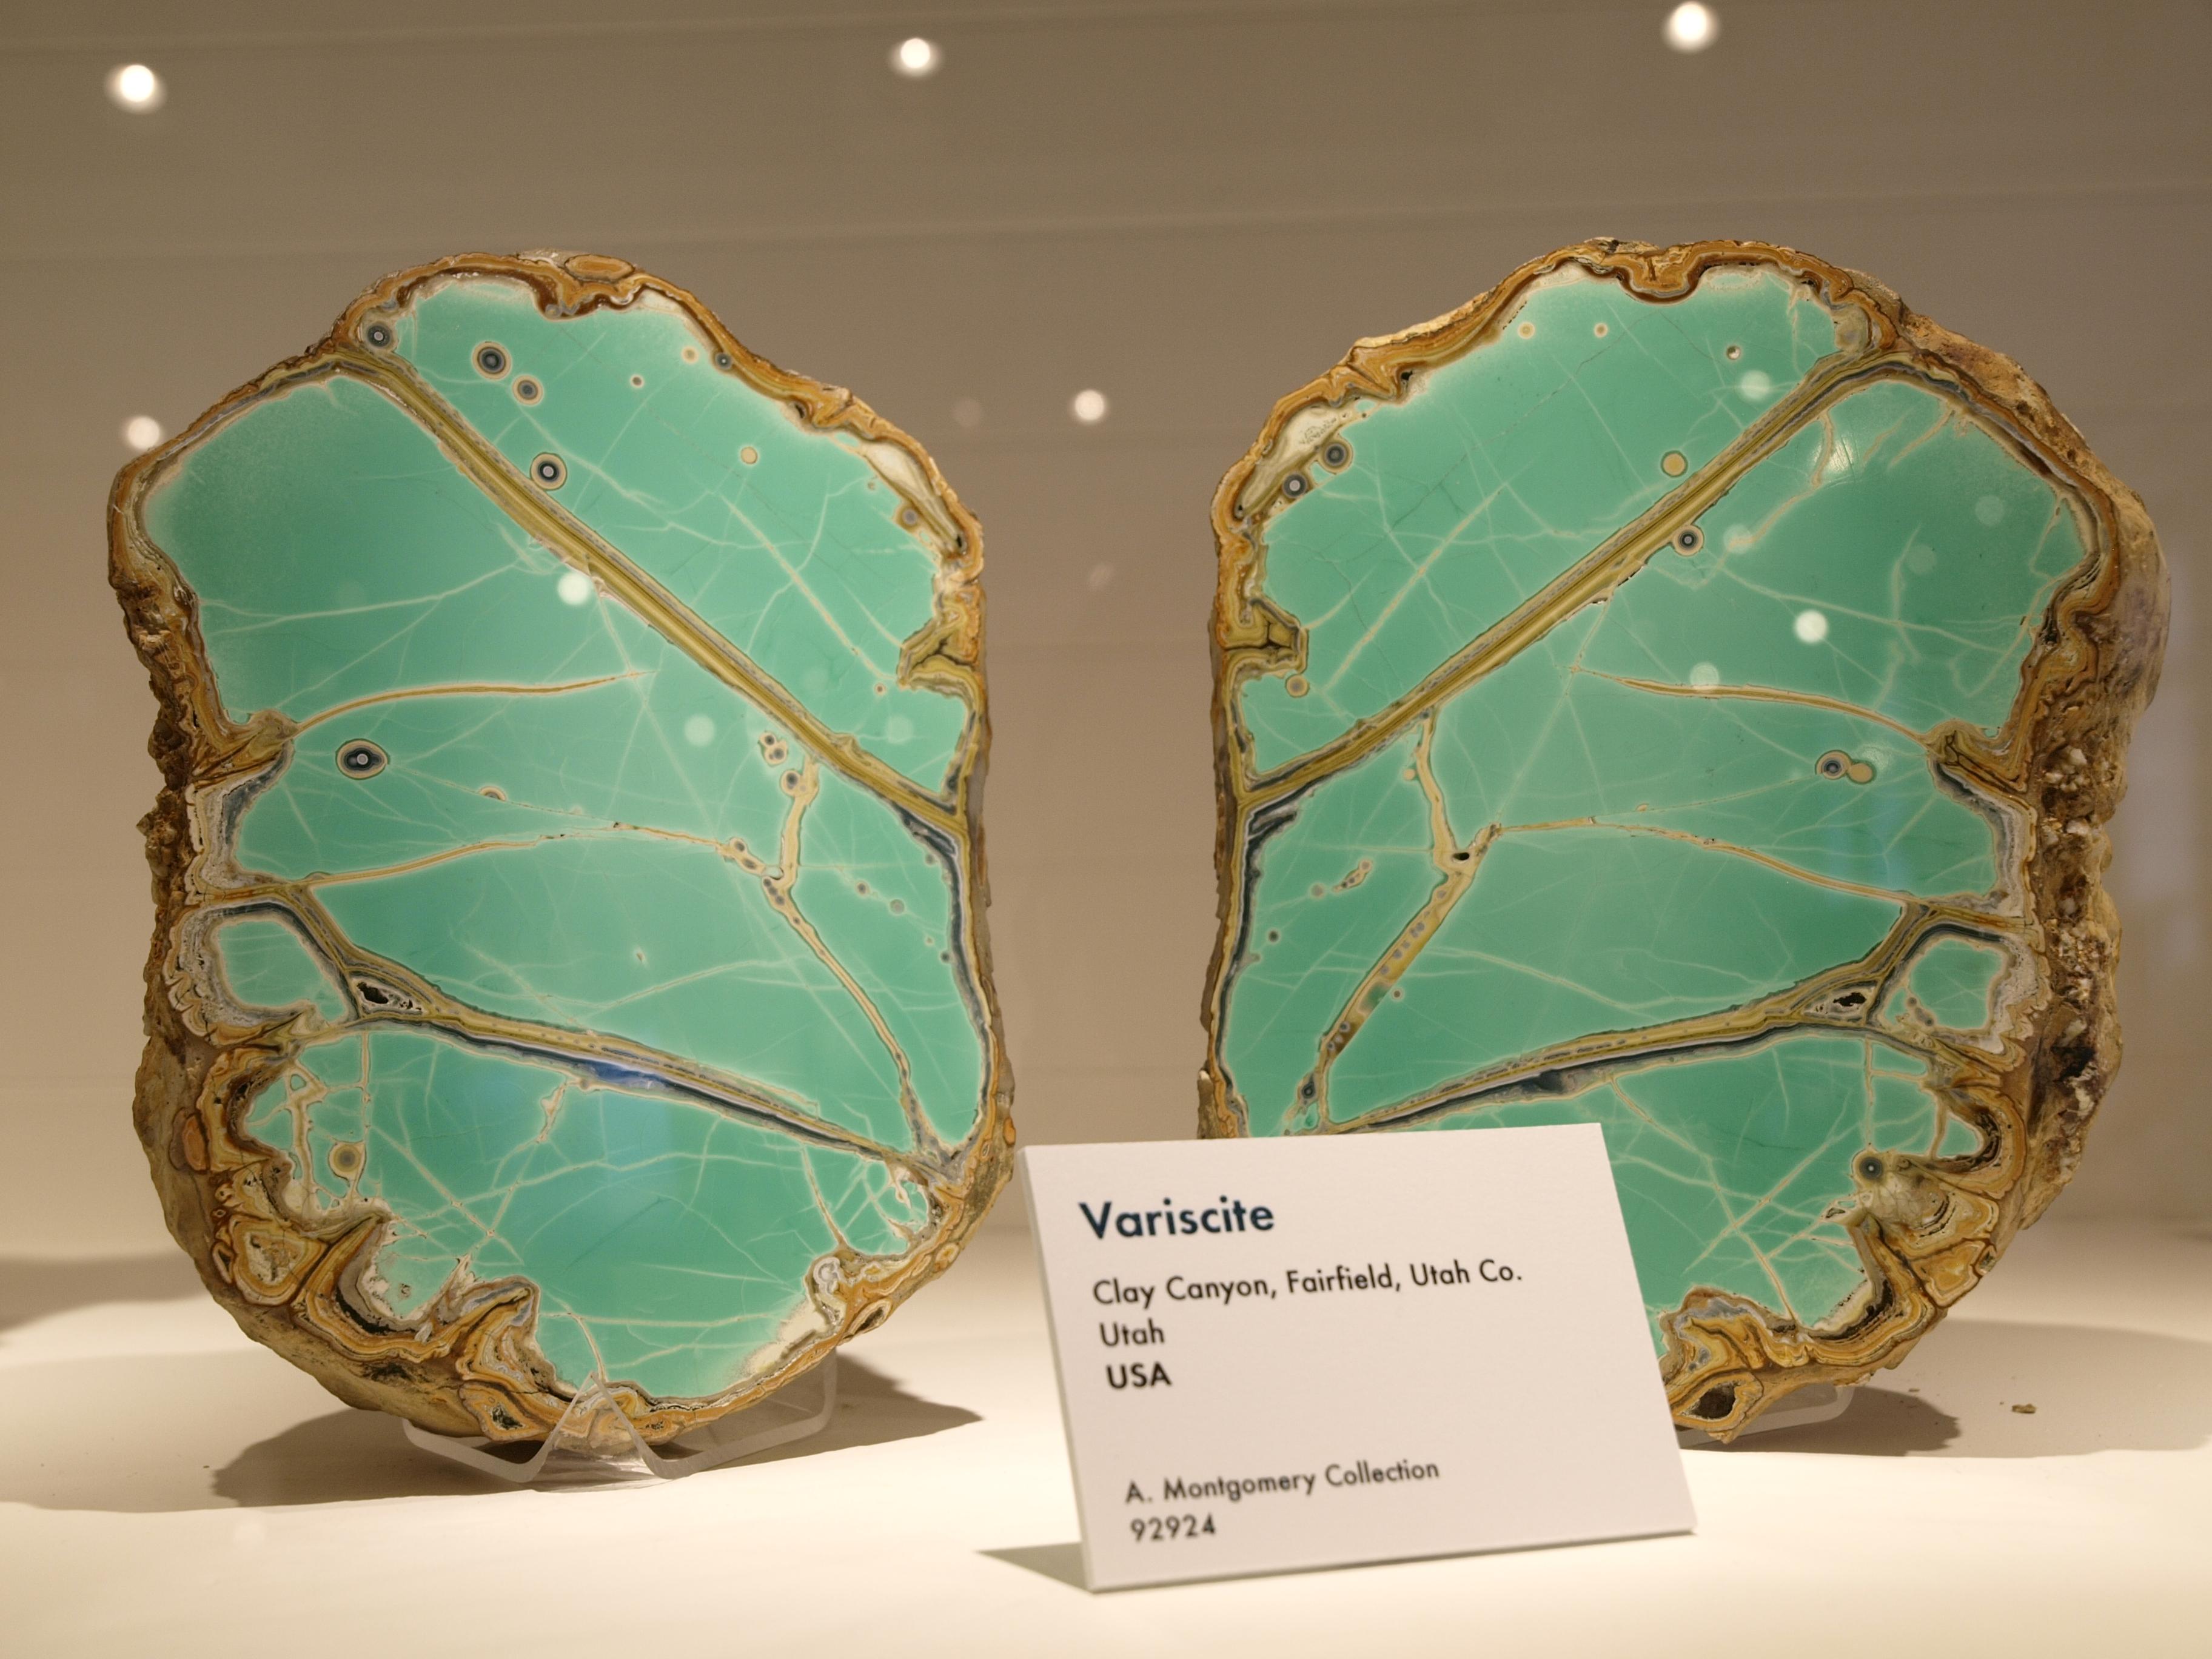 Камень варисцит